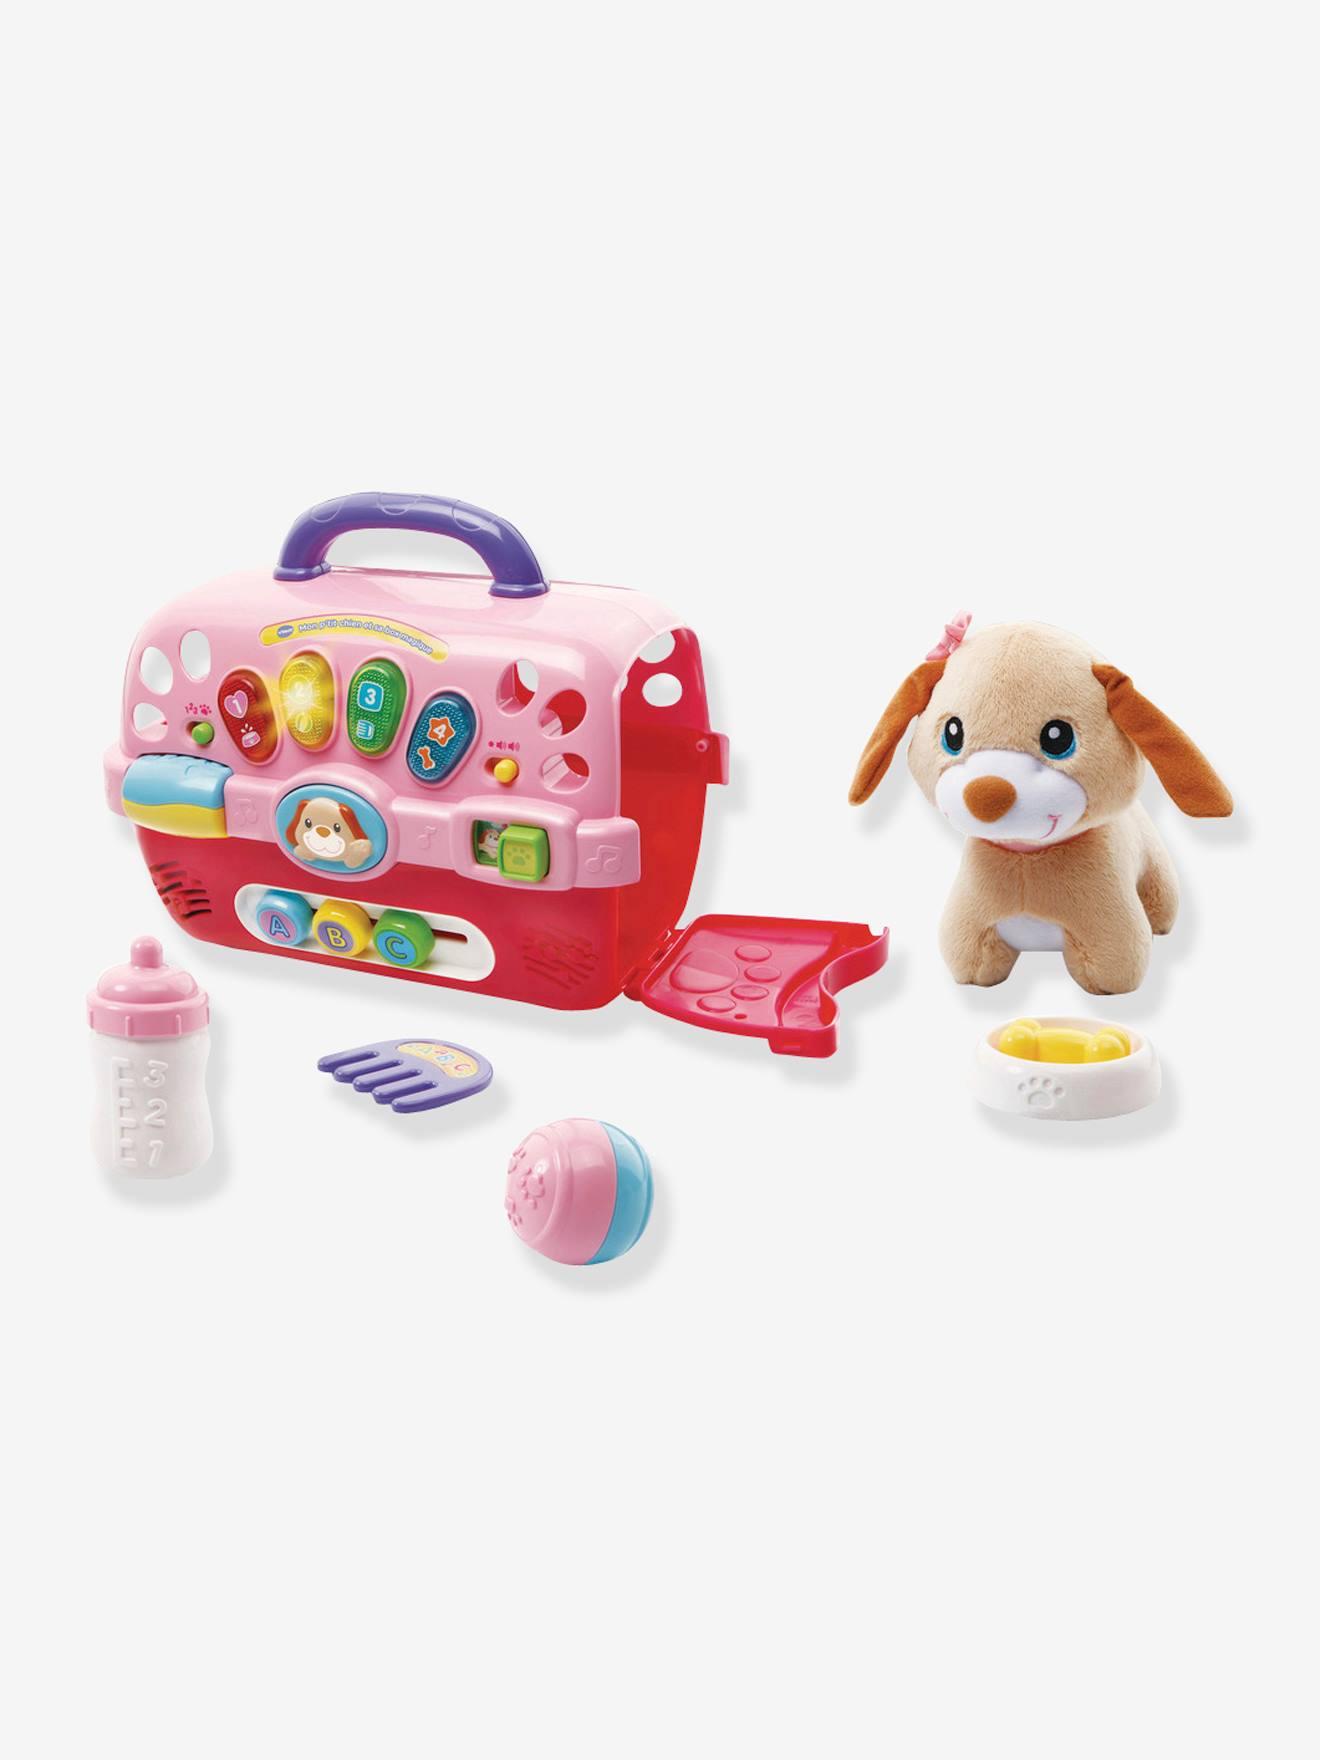 Mon p'tit chien et sa box magique VTECH multicolore